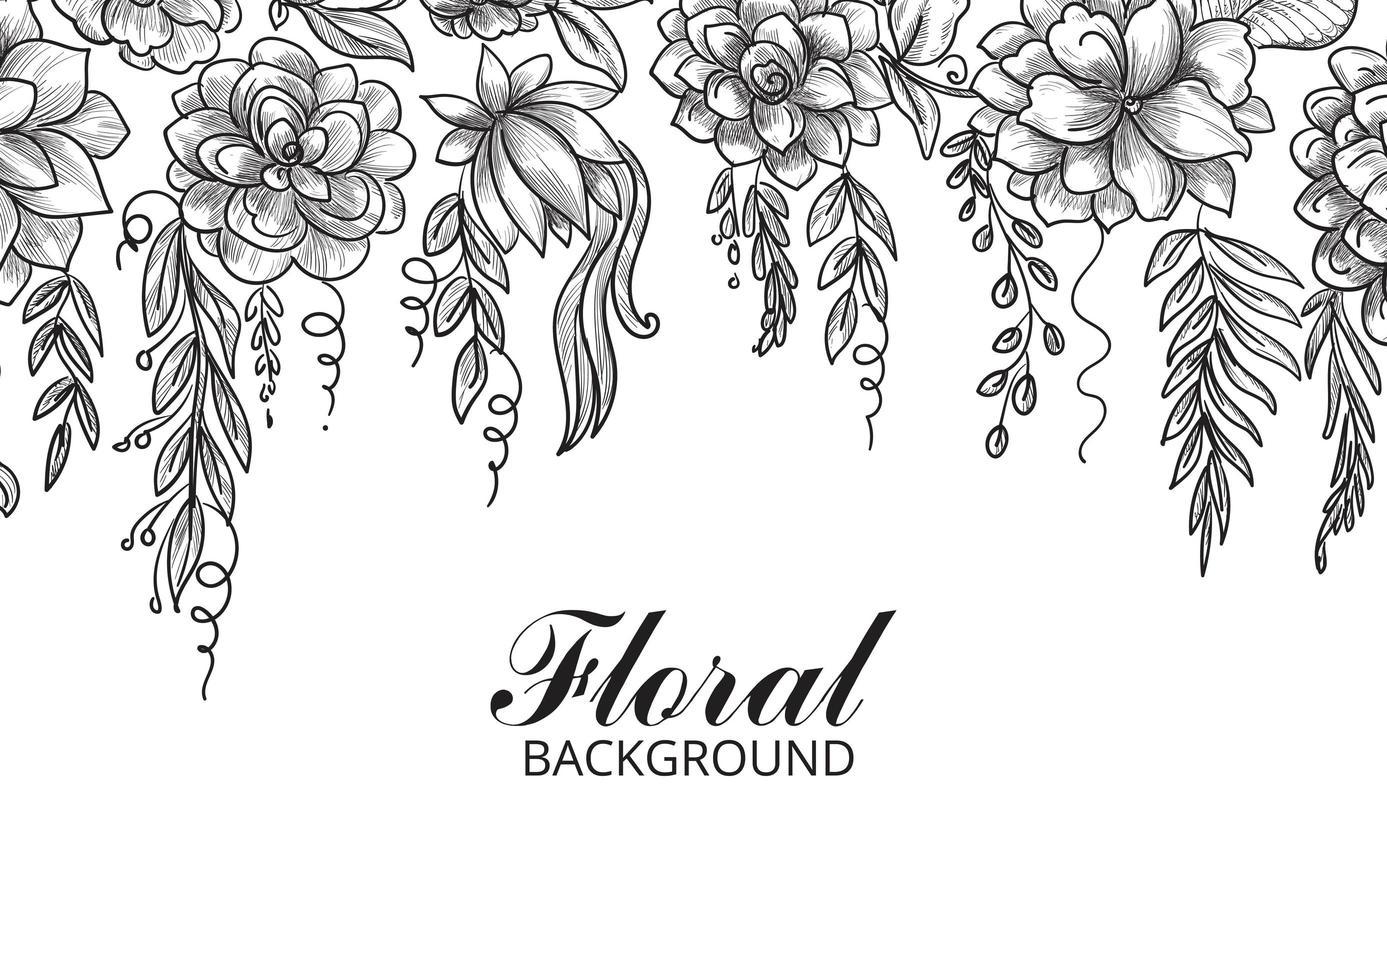 fundo de desenho floral decorativo decorativo vetor